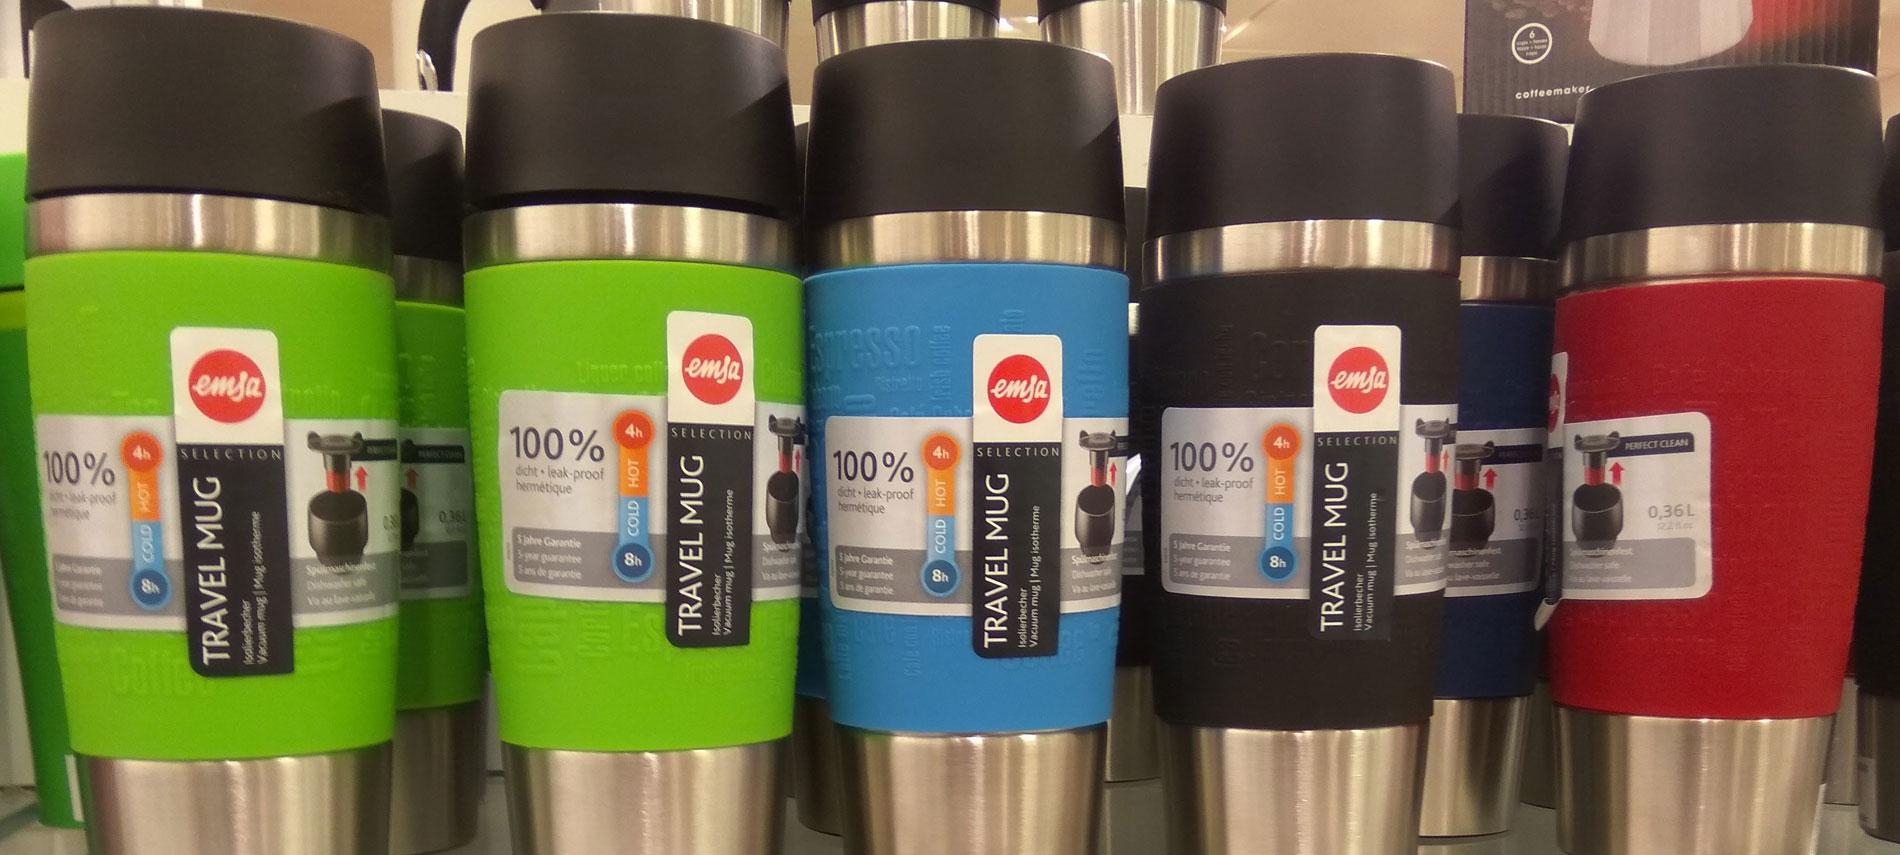 Simple Modern 470mL Classic Thermobecher mit Stroh und Klappdeckel Kaffeebecher to go Thermoskanne Trinkflasche Edelstahl vakuumisoliert Tasse f/ür Kaffee oder Bier Thermosflasche Thermosflasche